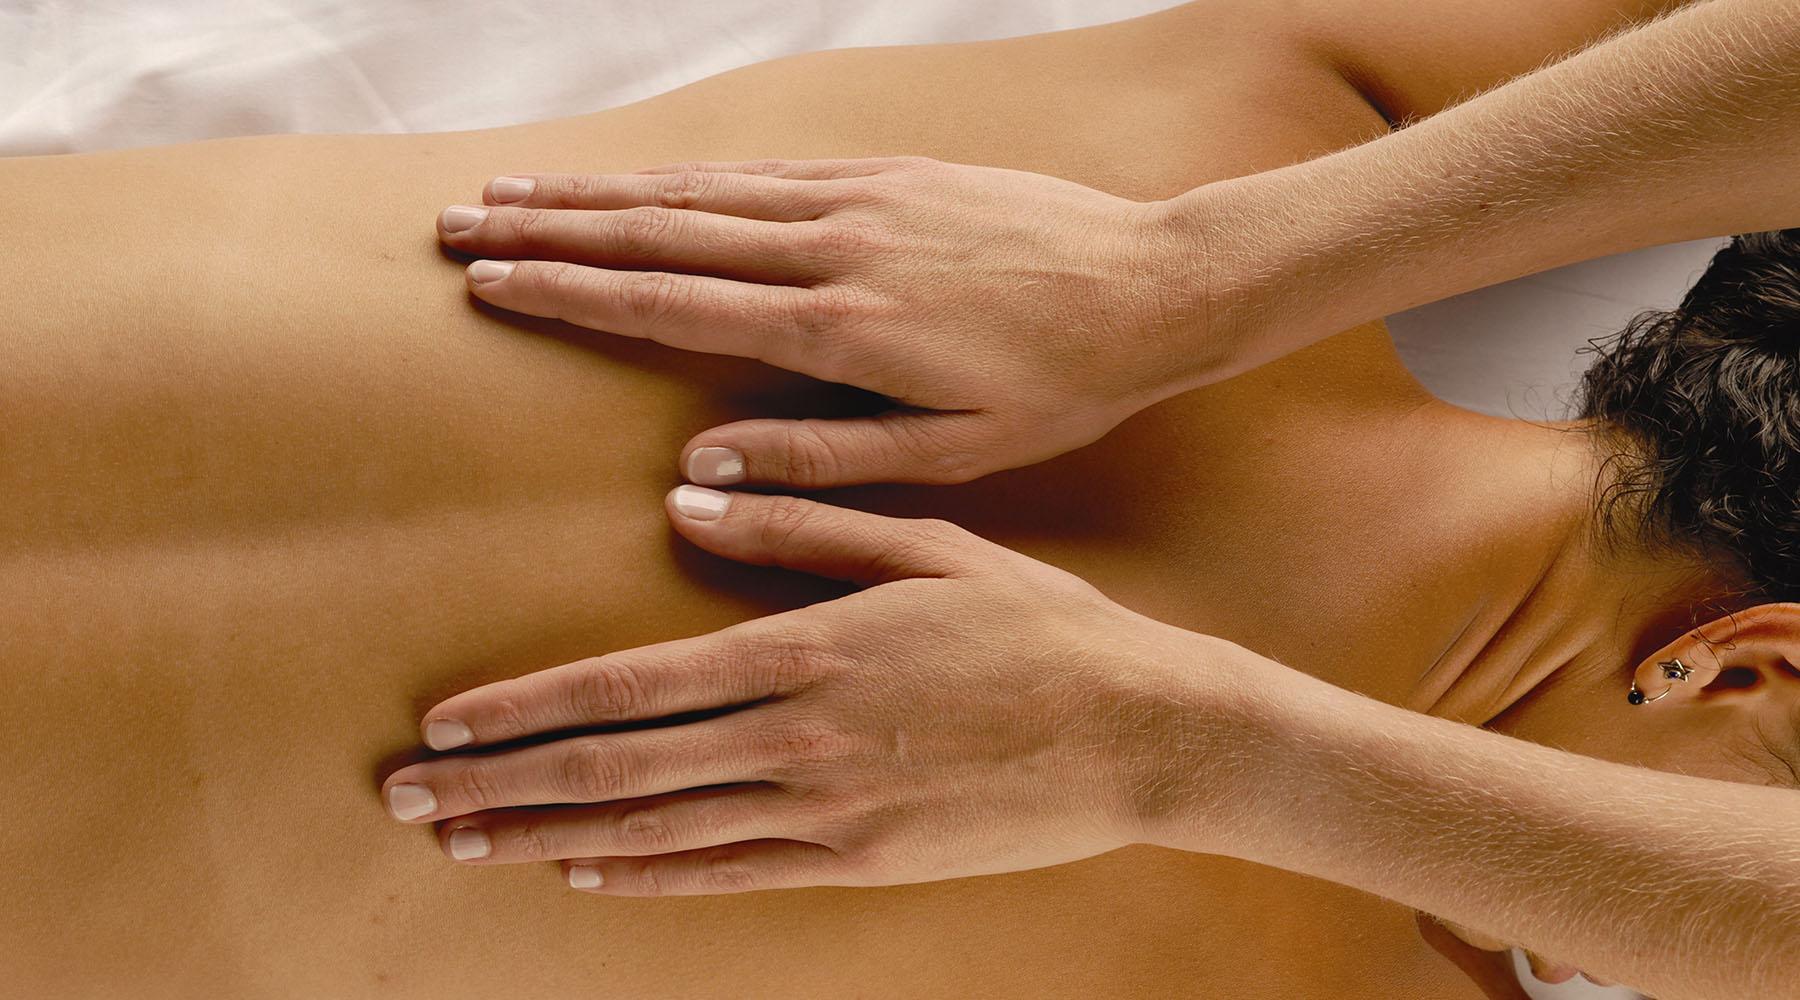 Massage Clients